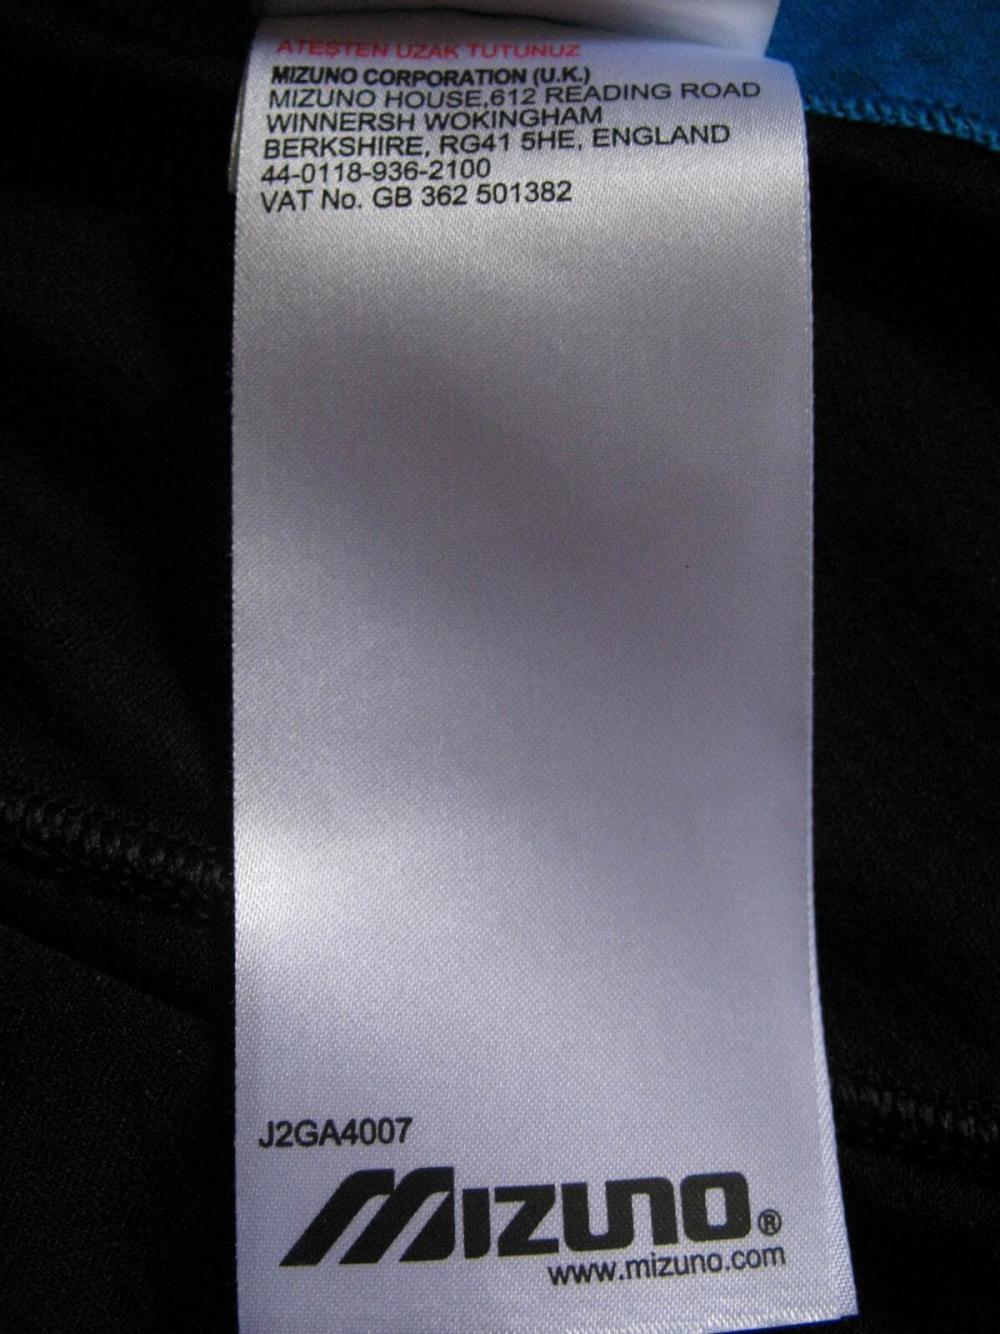 Футболка MIZUNO drylite hex tee jersey (размер M) - 11